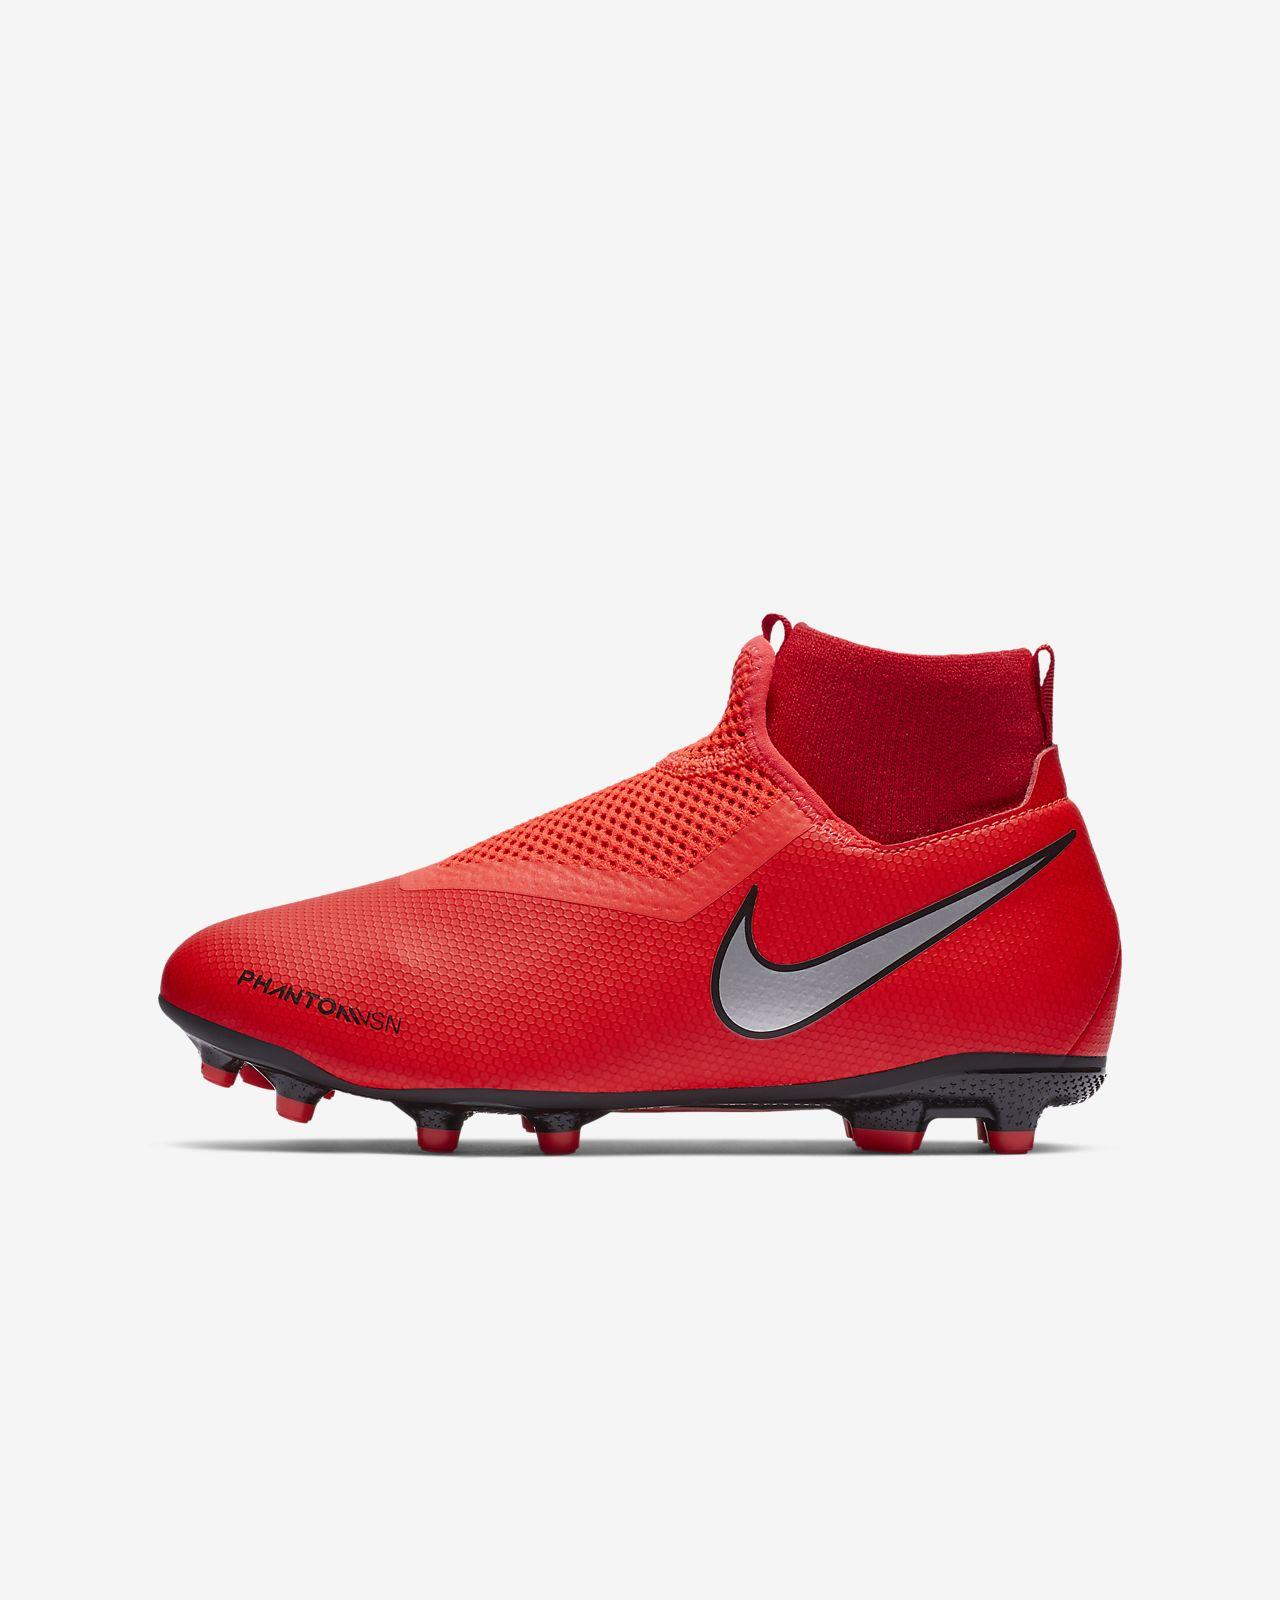 Calzado de fútbol para múltiples superficies para niños talla pequeña/grande Nike Jr. PhantomVSN Academy Dynamic Fit Game Over MG